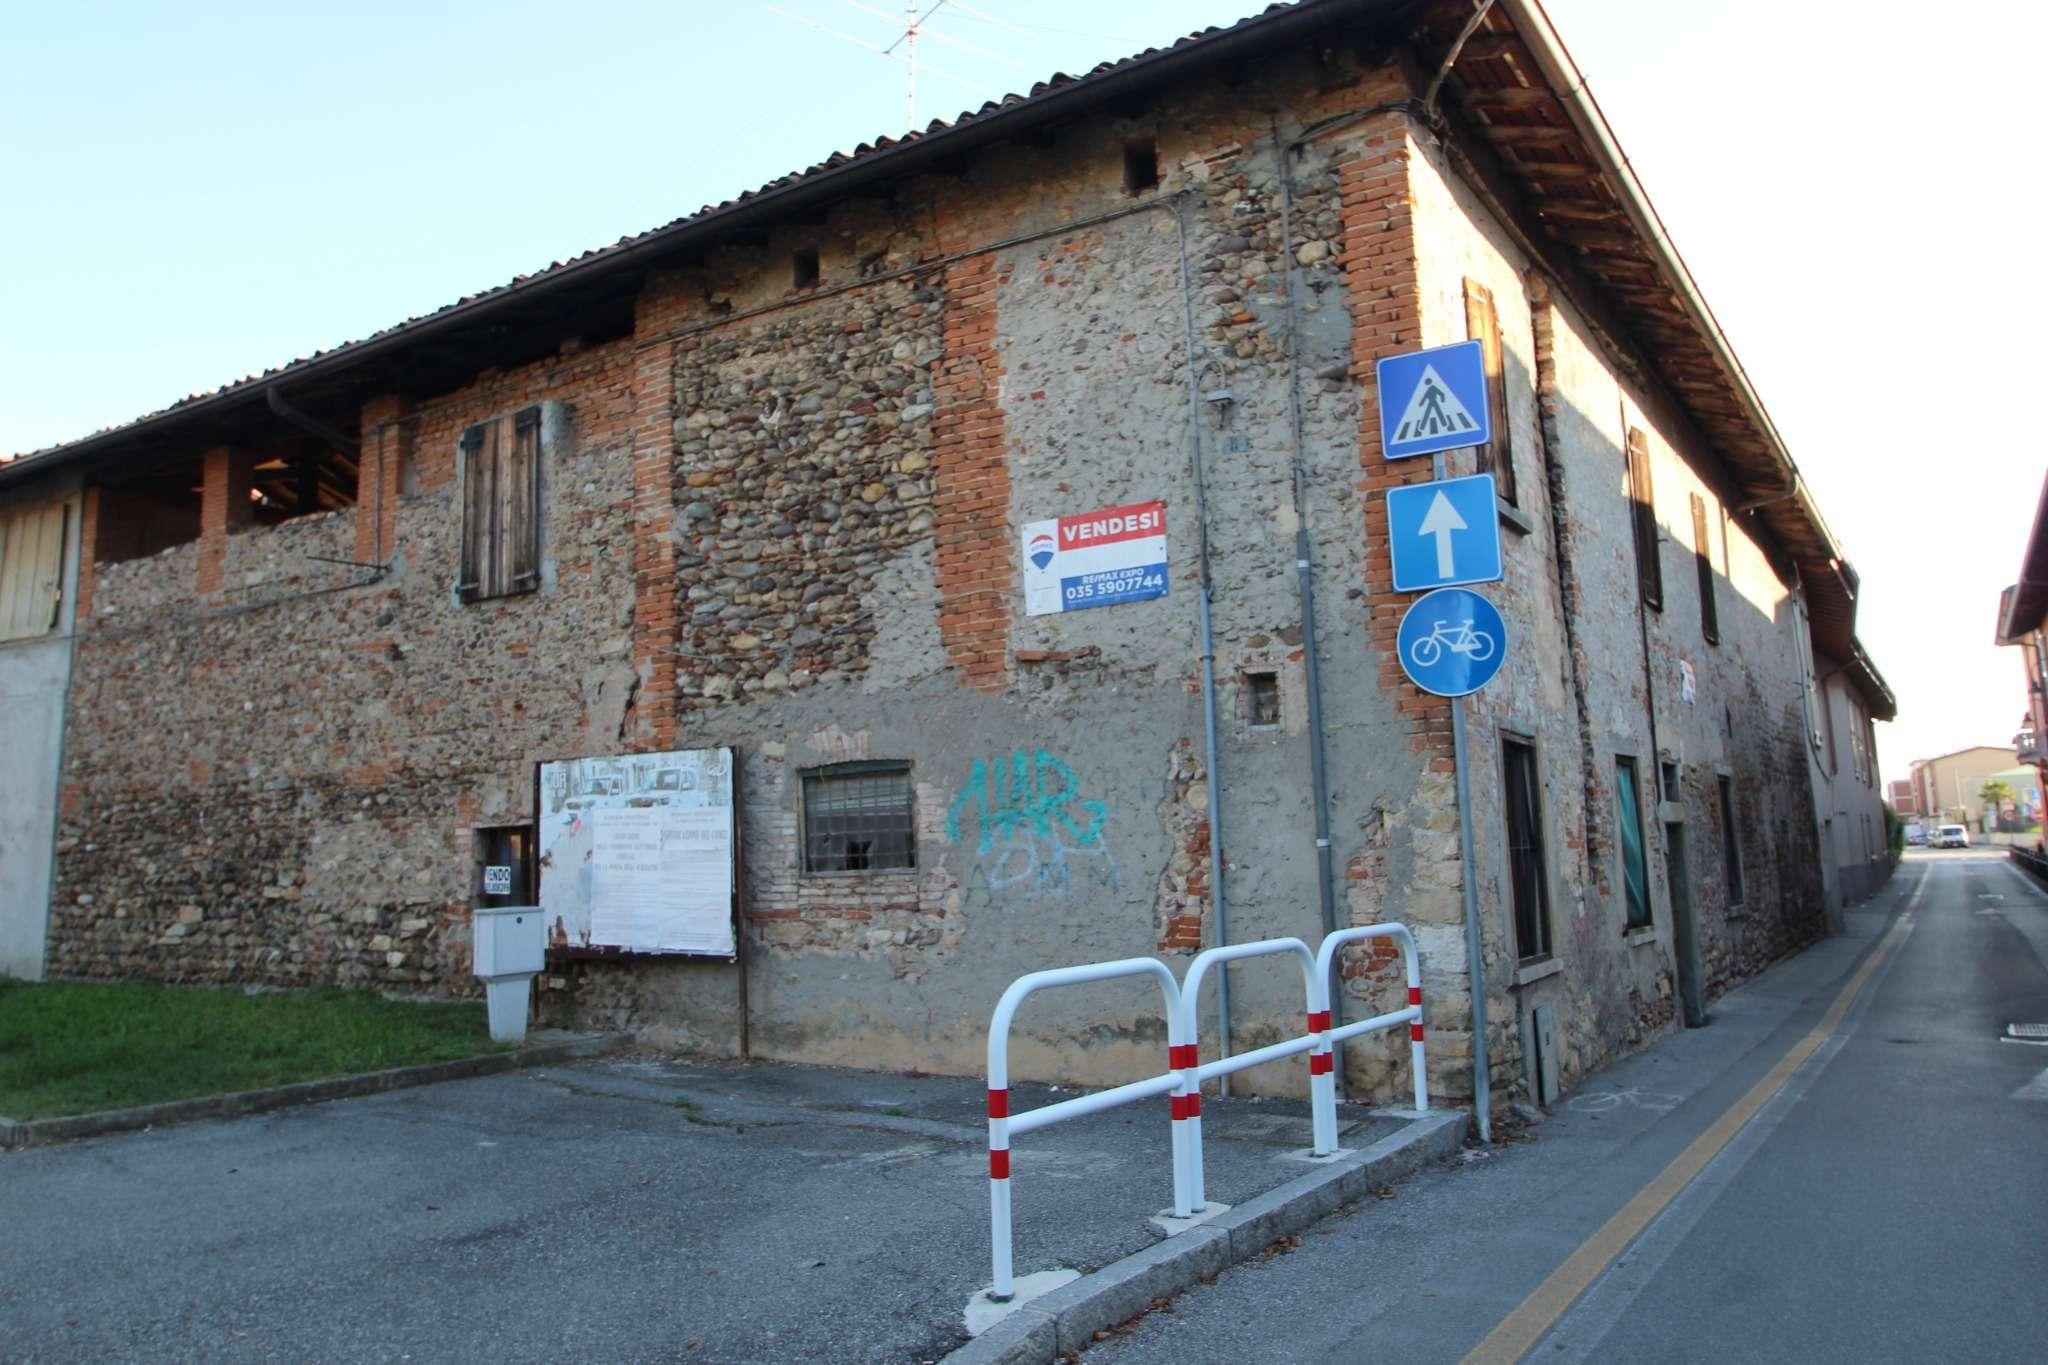 Rustico / Casale in vendita a Lallio, 13 locali, prezzo € 98.000 | PortaleAgenzieImmobiliari.it